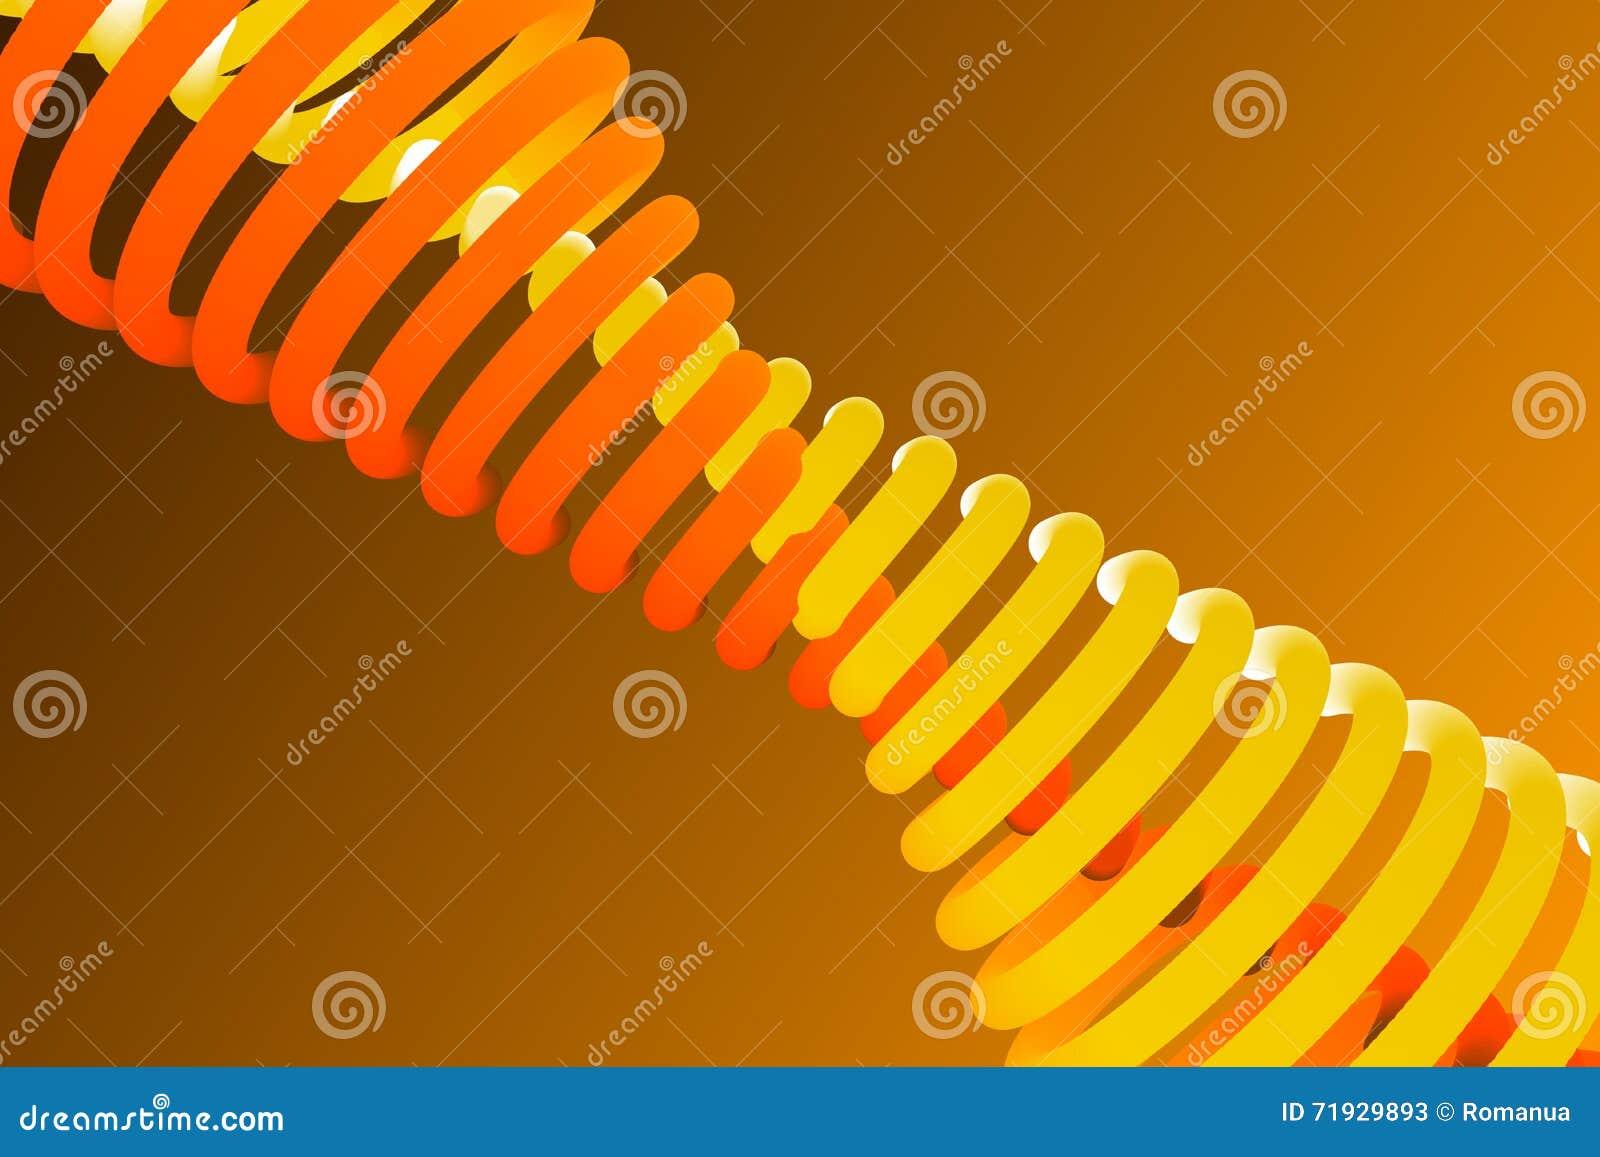 Оранжевая предпосылка, абстрактная форма